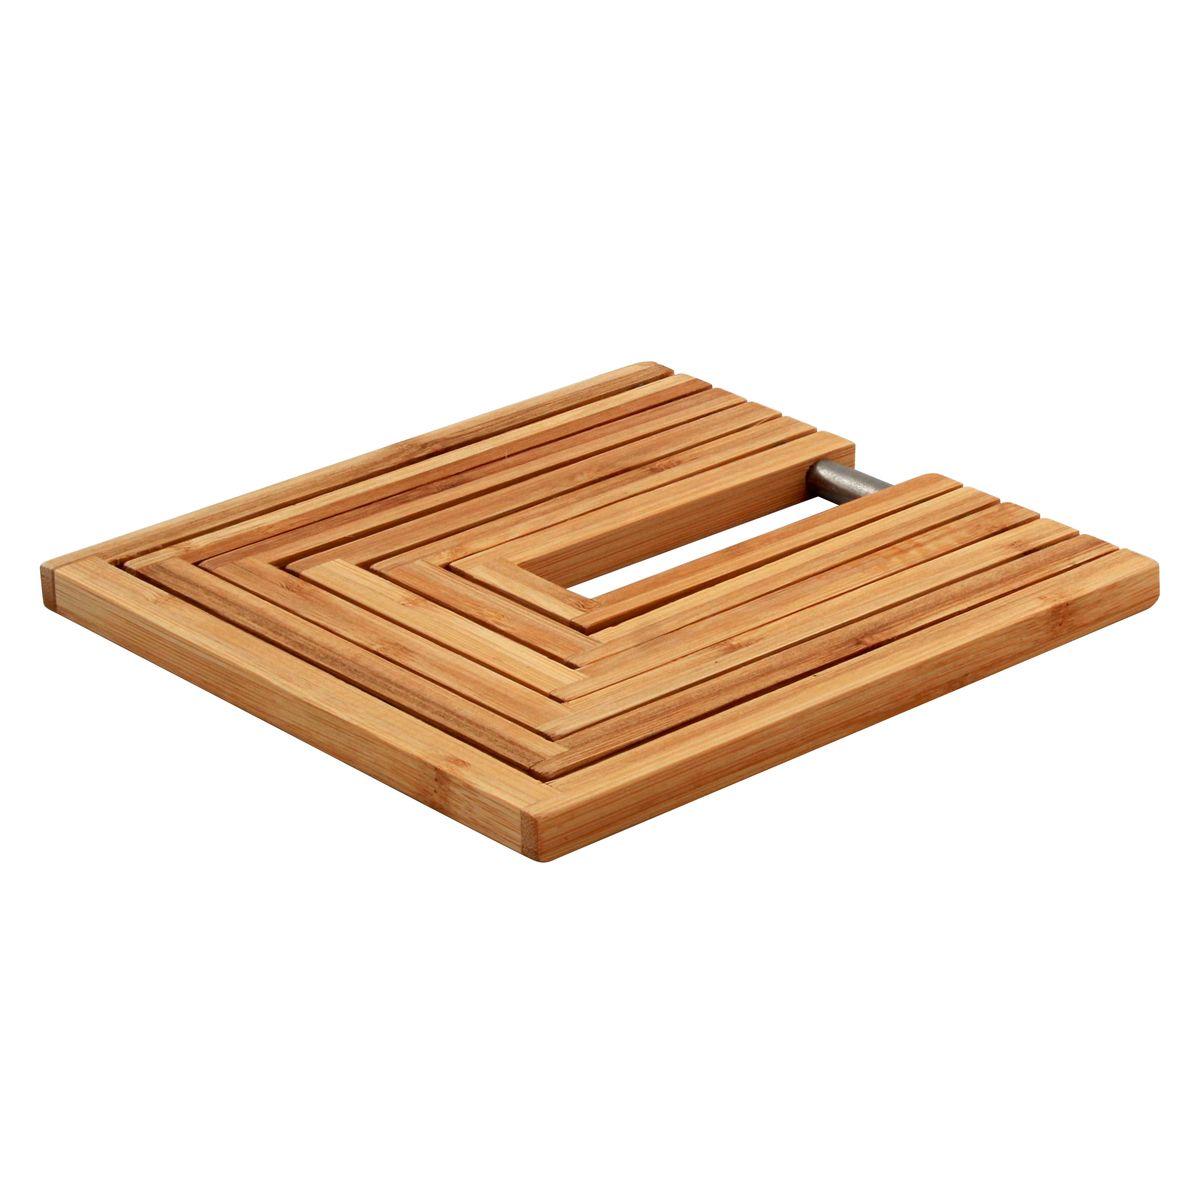 Dessous de plat bambou modulable 19*19*21 - Point Virgule